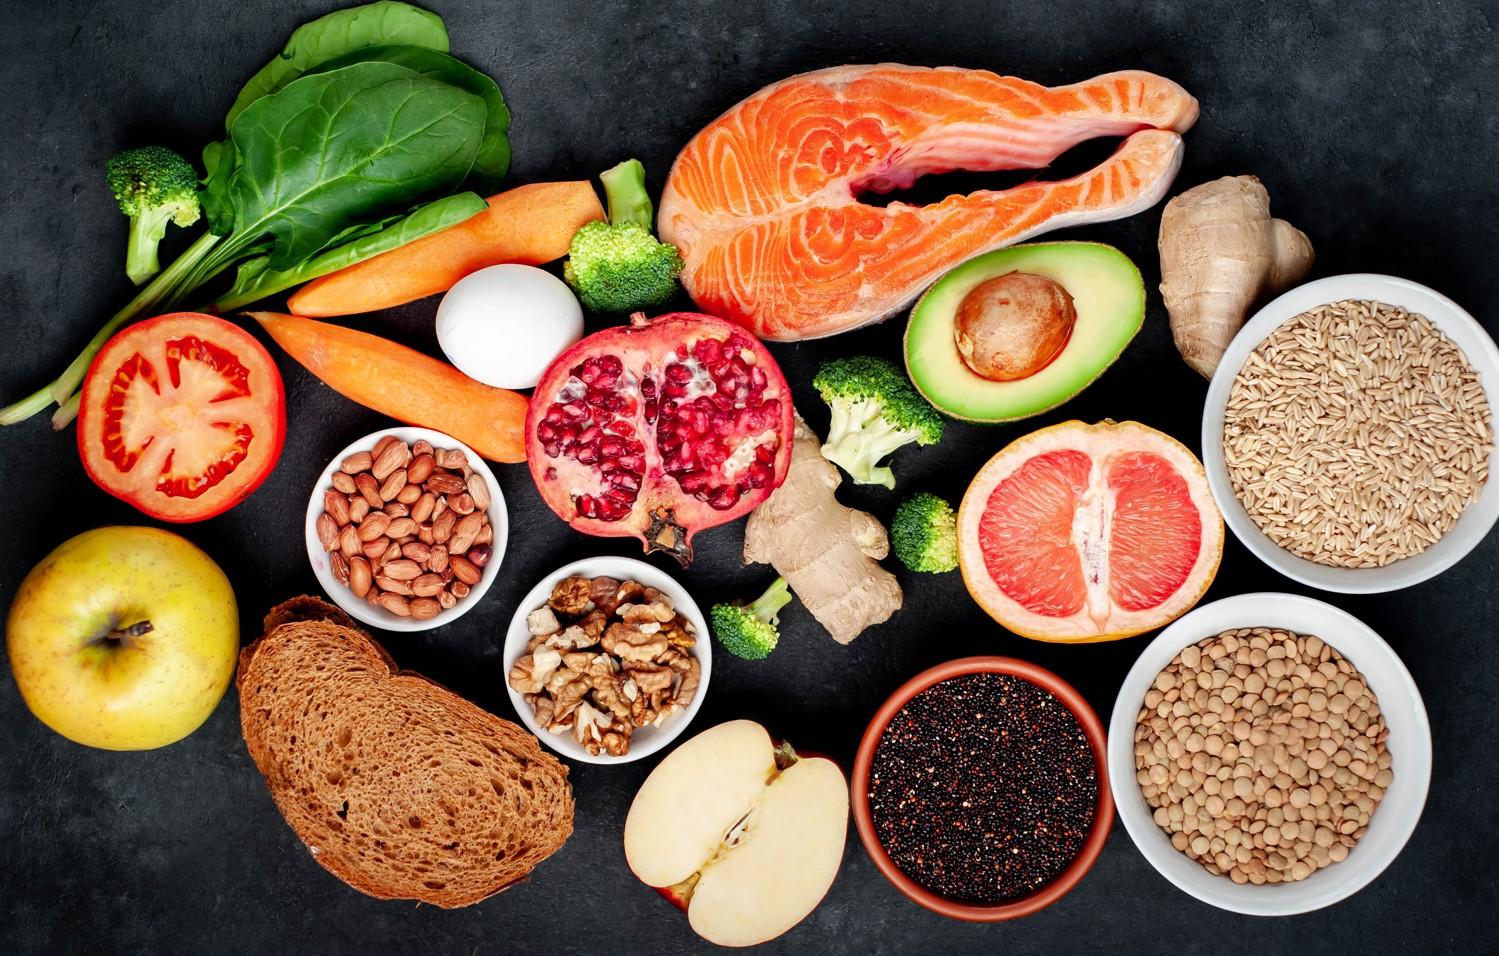 Tvorba spermií se dá podpořit potravinami jako zelenina, ovoce, ryby, luštěniny a hořká čokoláda